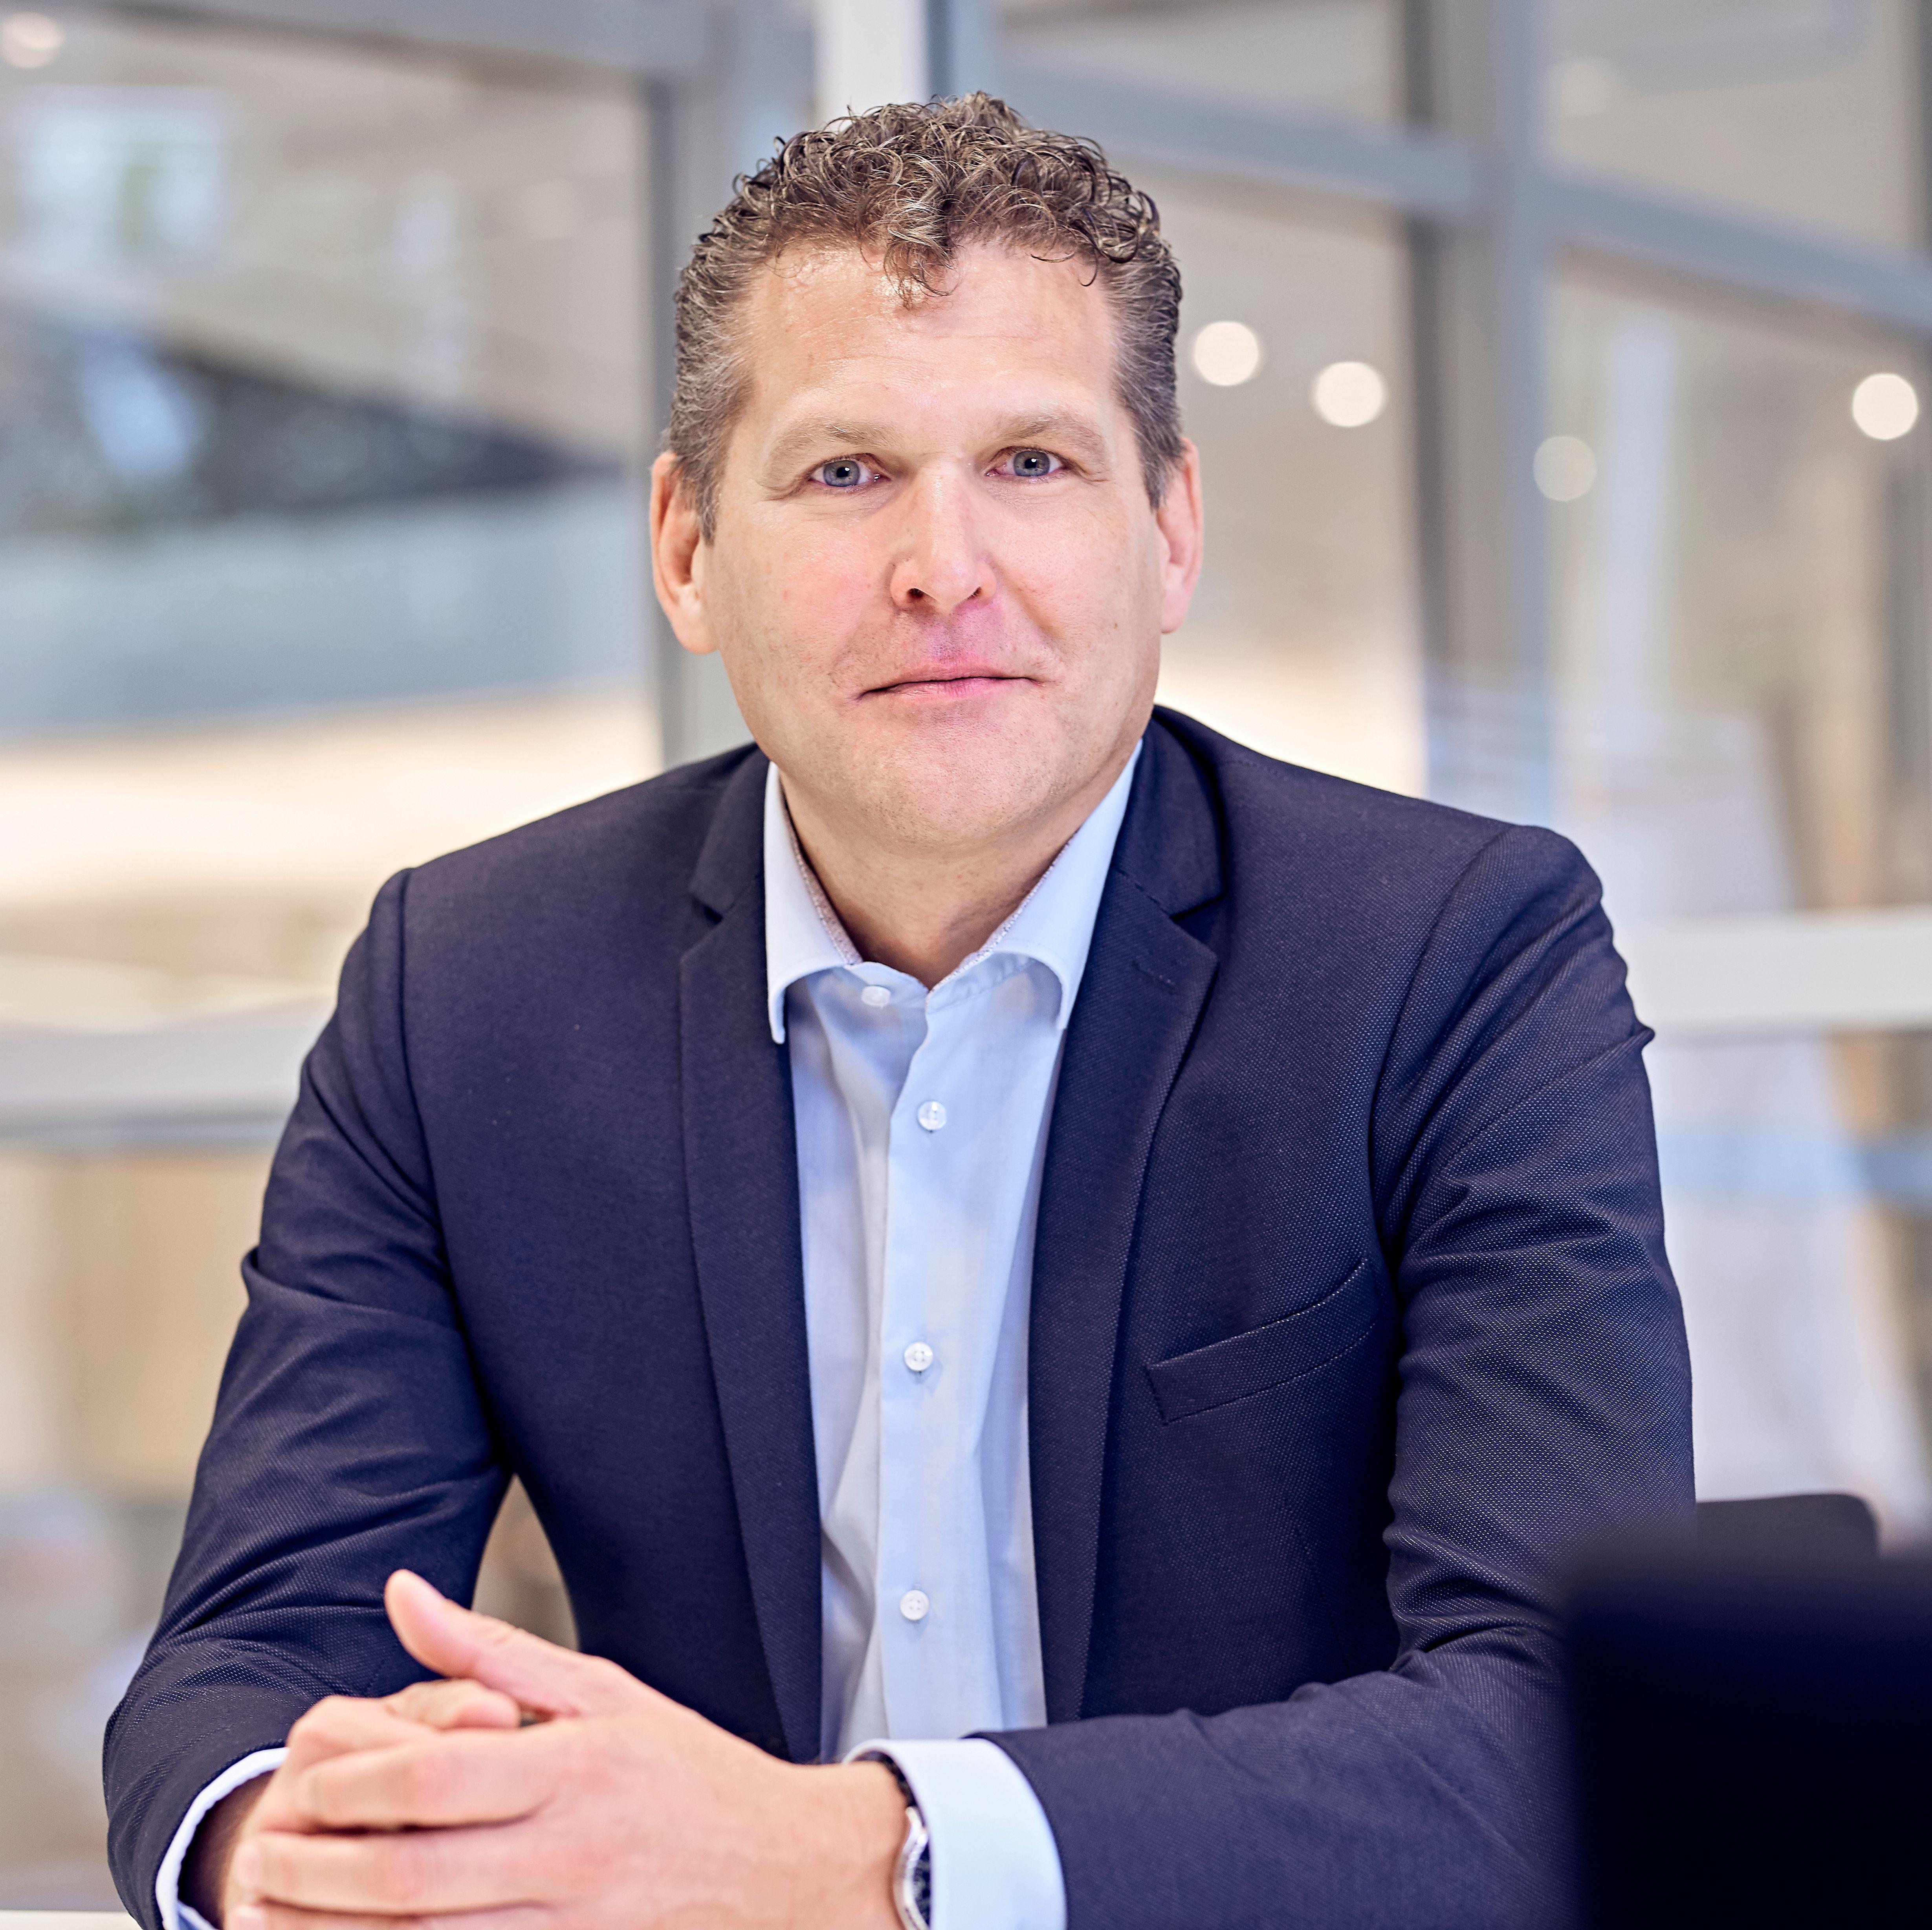 Speaker_Joerg Muehle